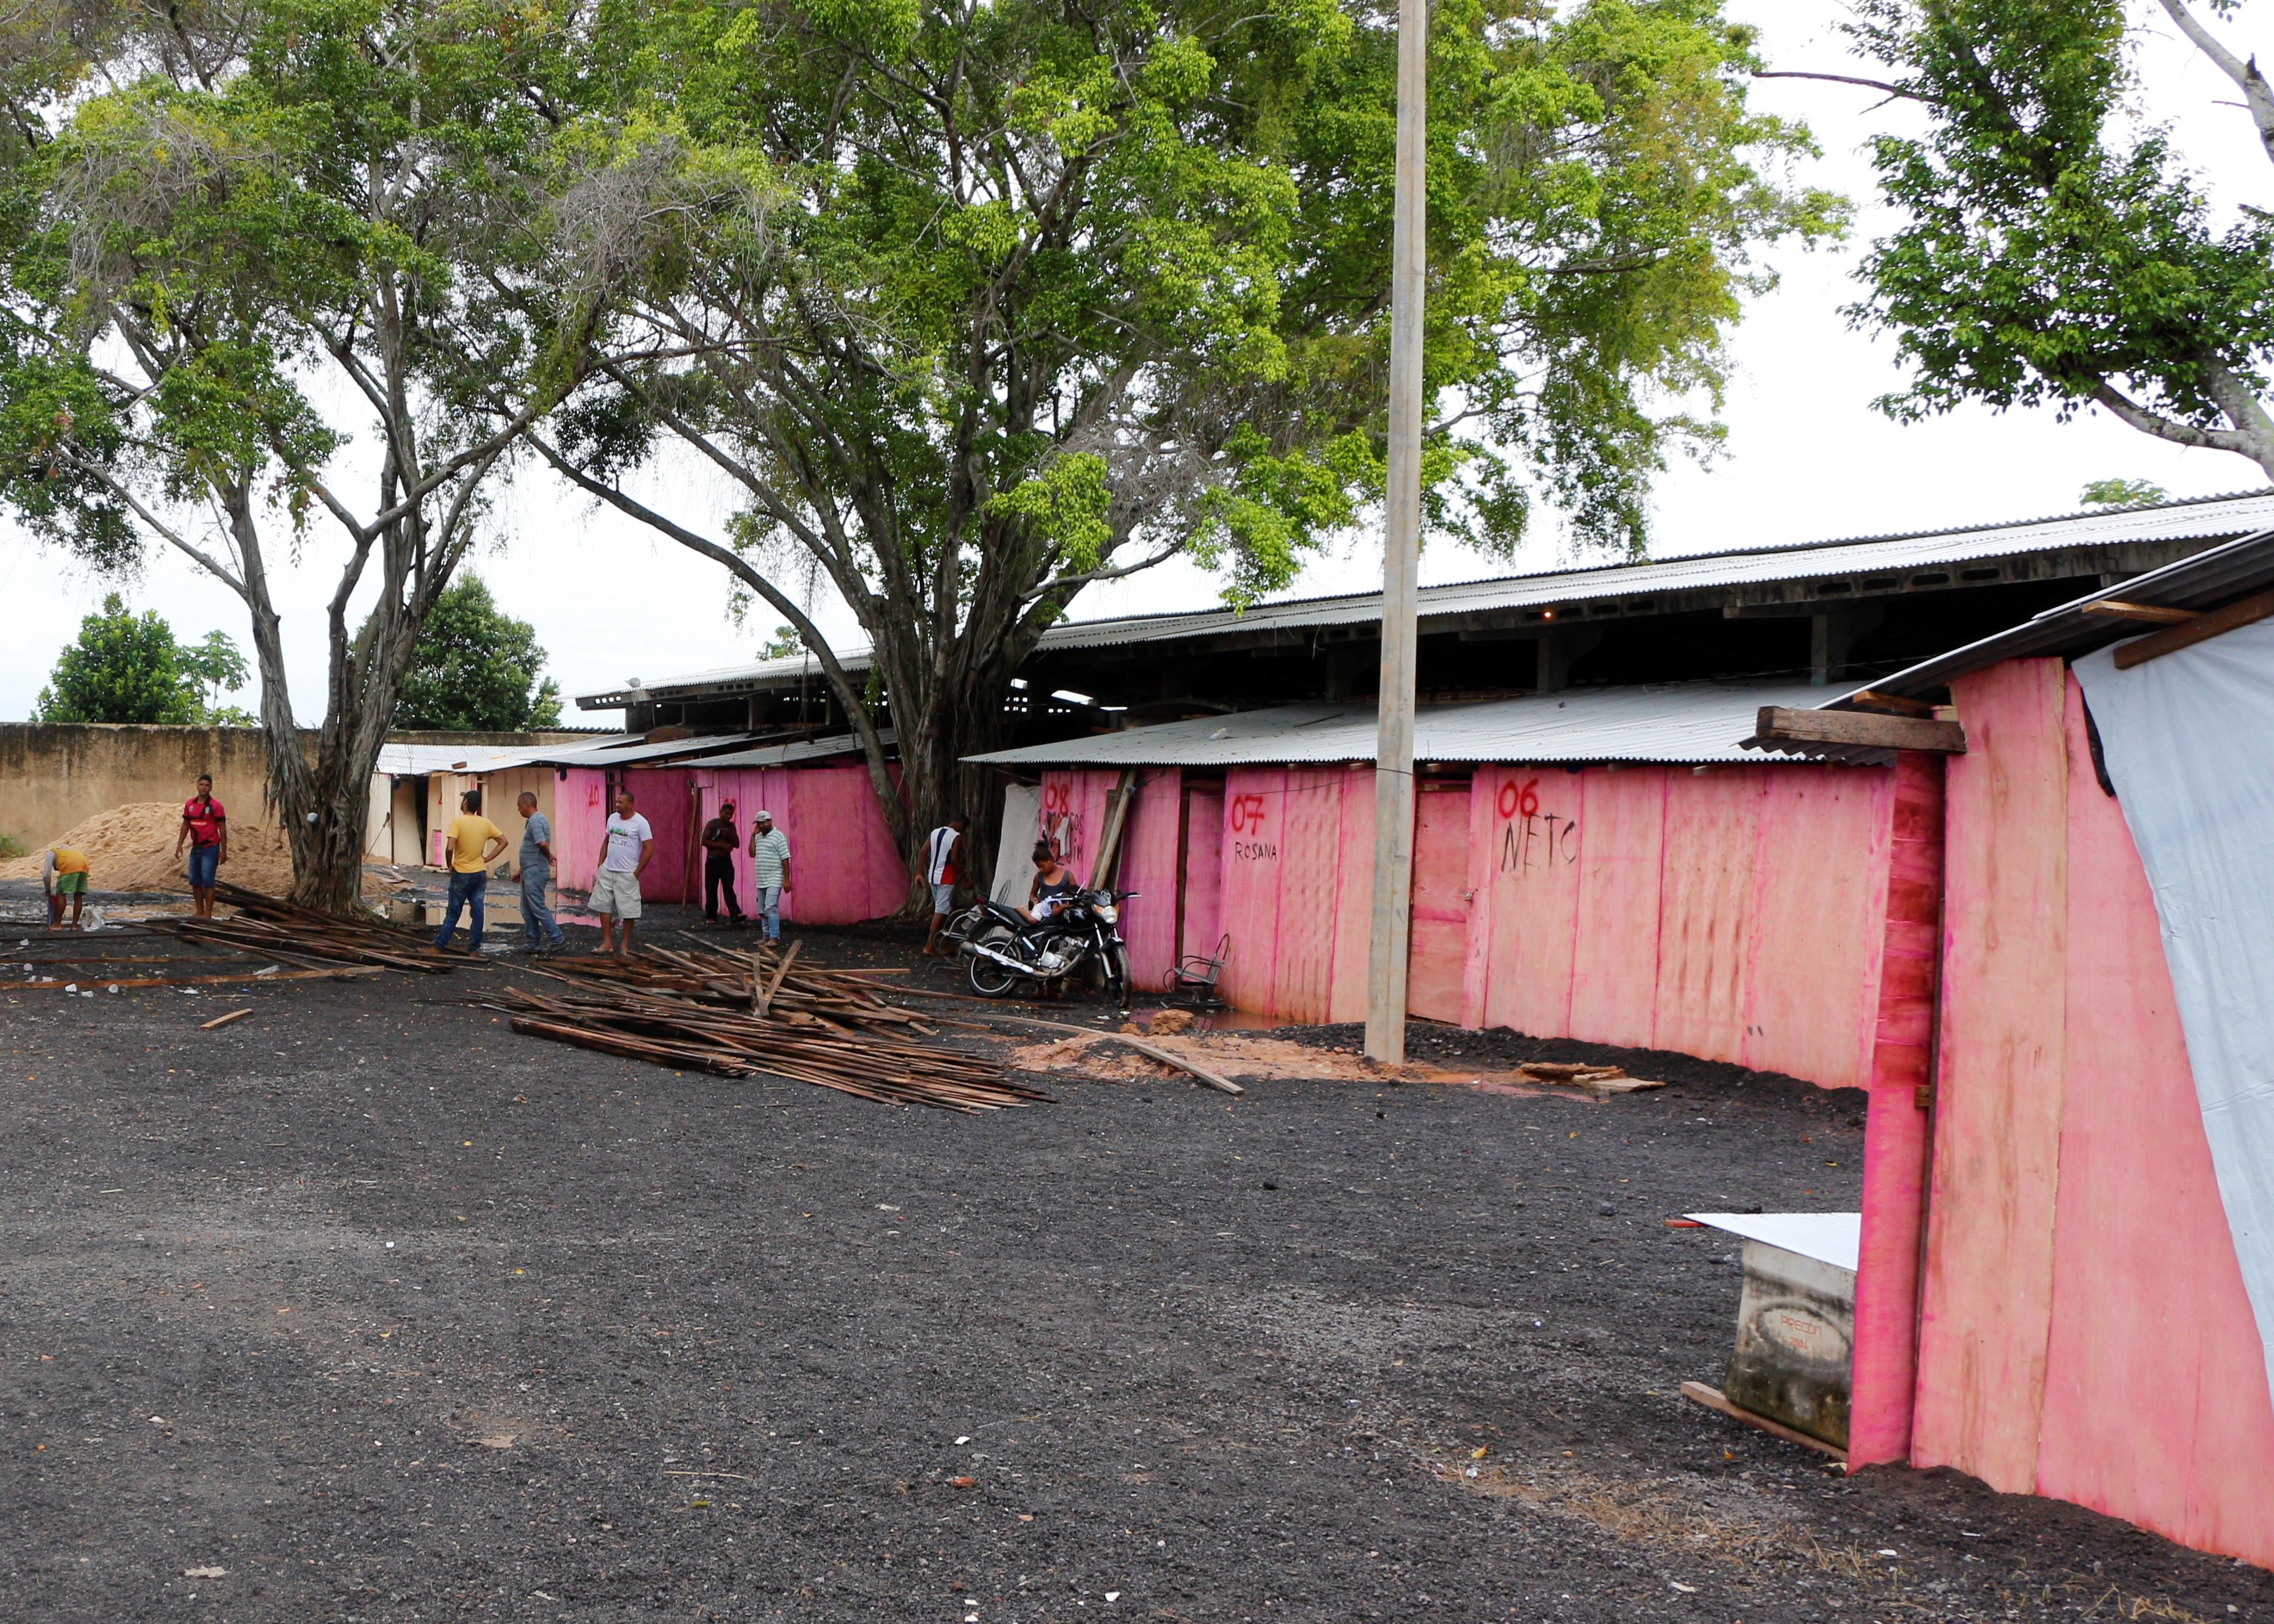 PREFEITURA SEGUE NA ESTRUTURAÇÃO DE NOVOS ABRIGOS | Prefeitura de Marabá –  Pa